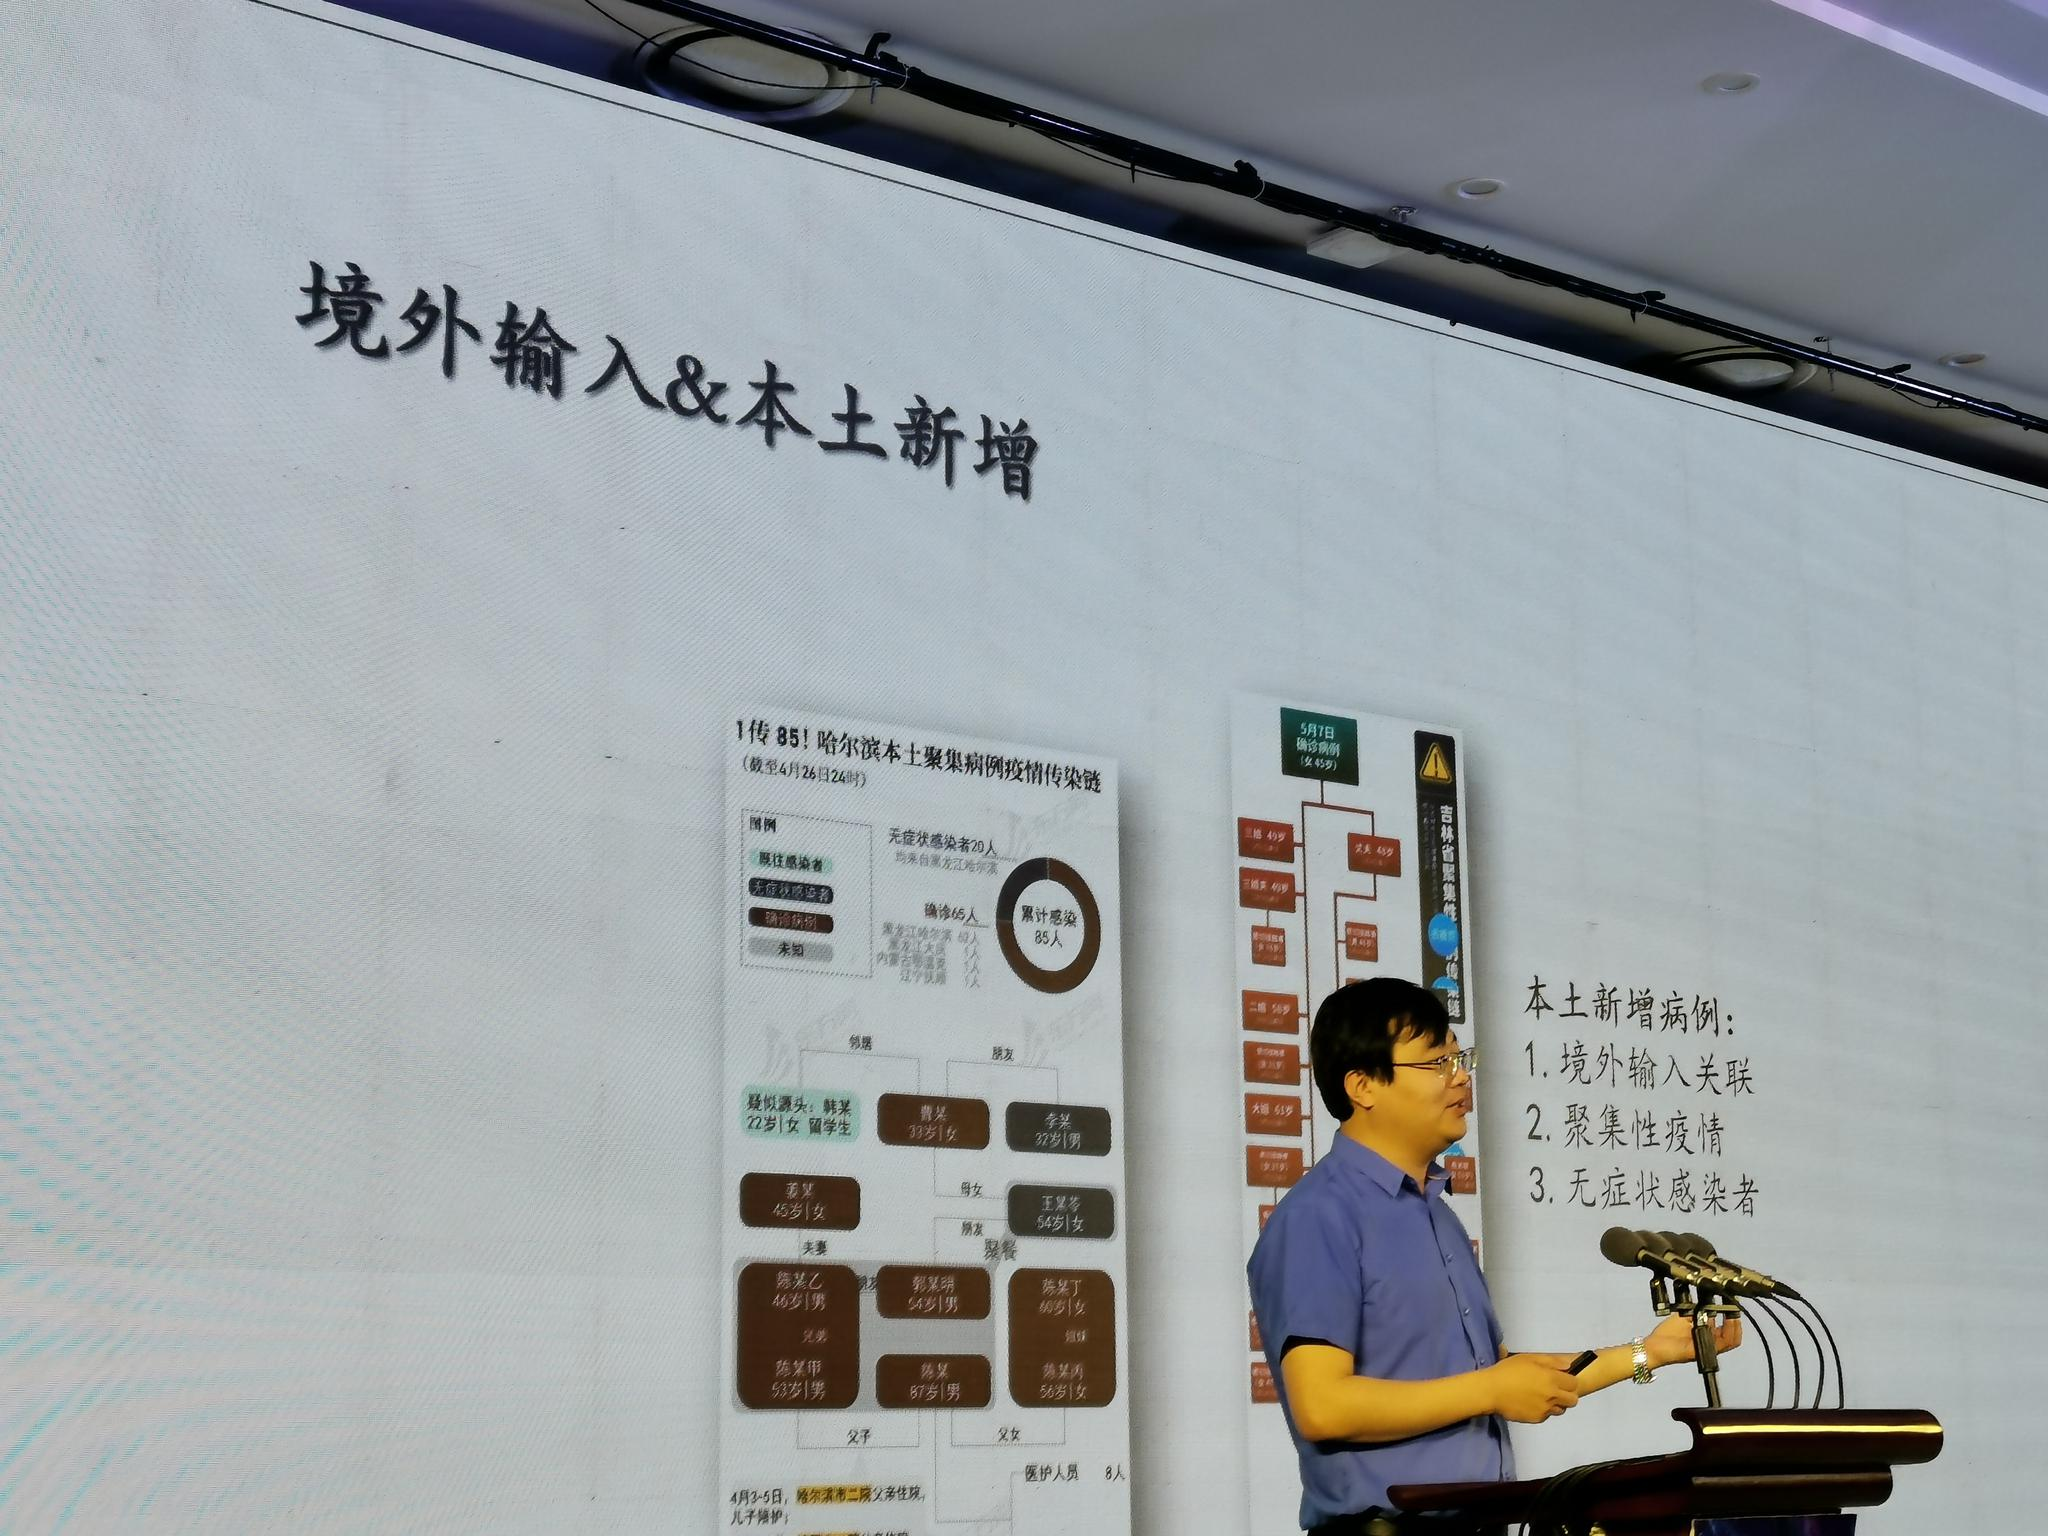 摩鑫平台:如何开放三摩鑫平台地馆长图片